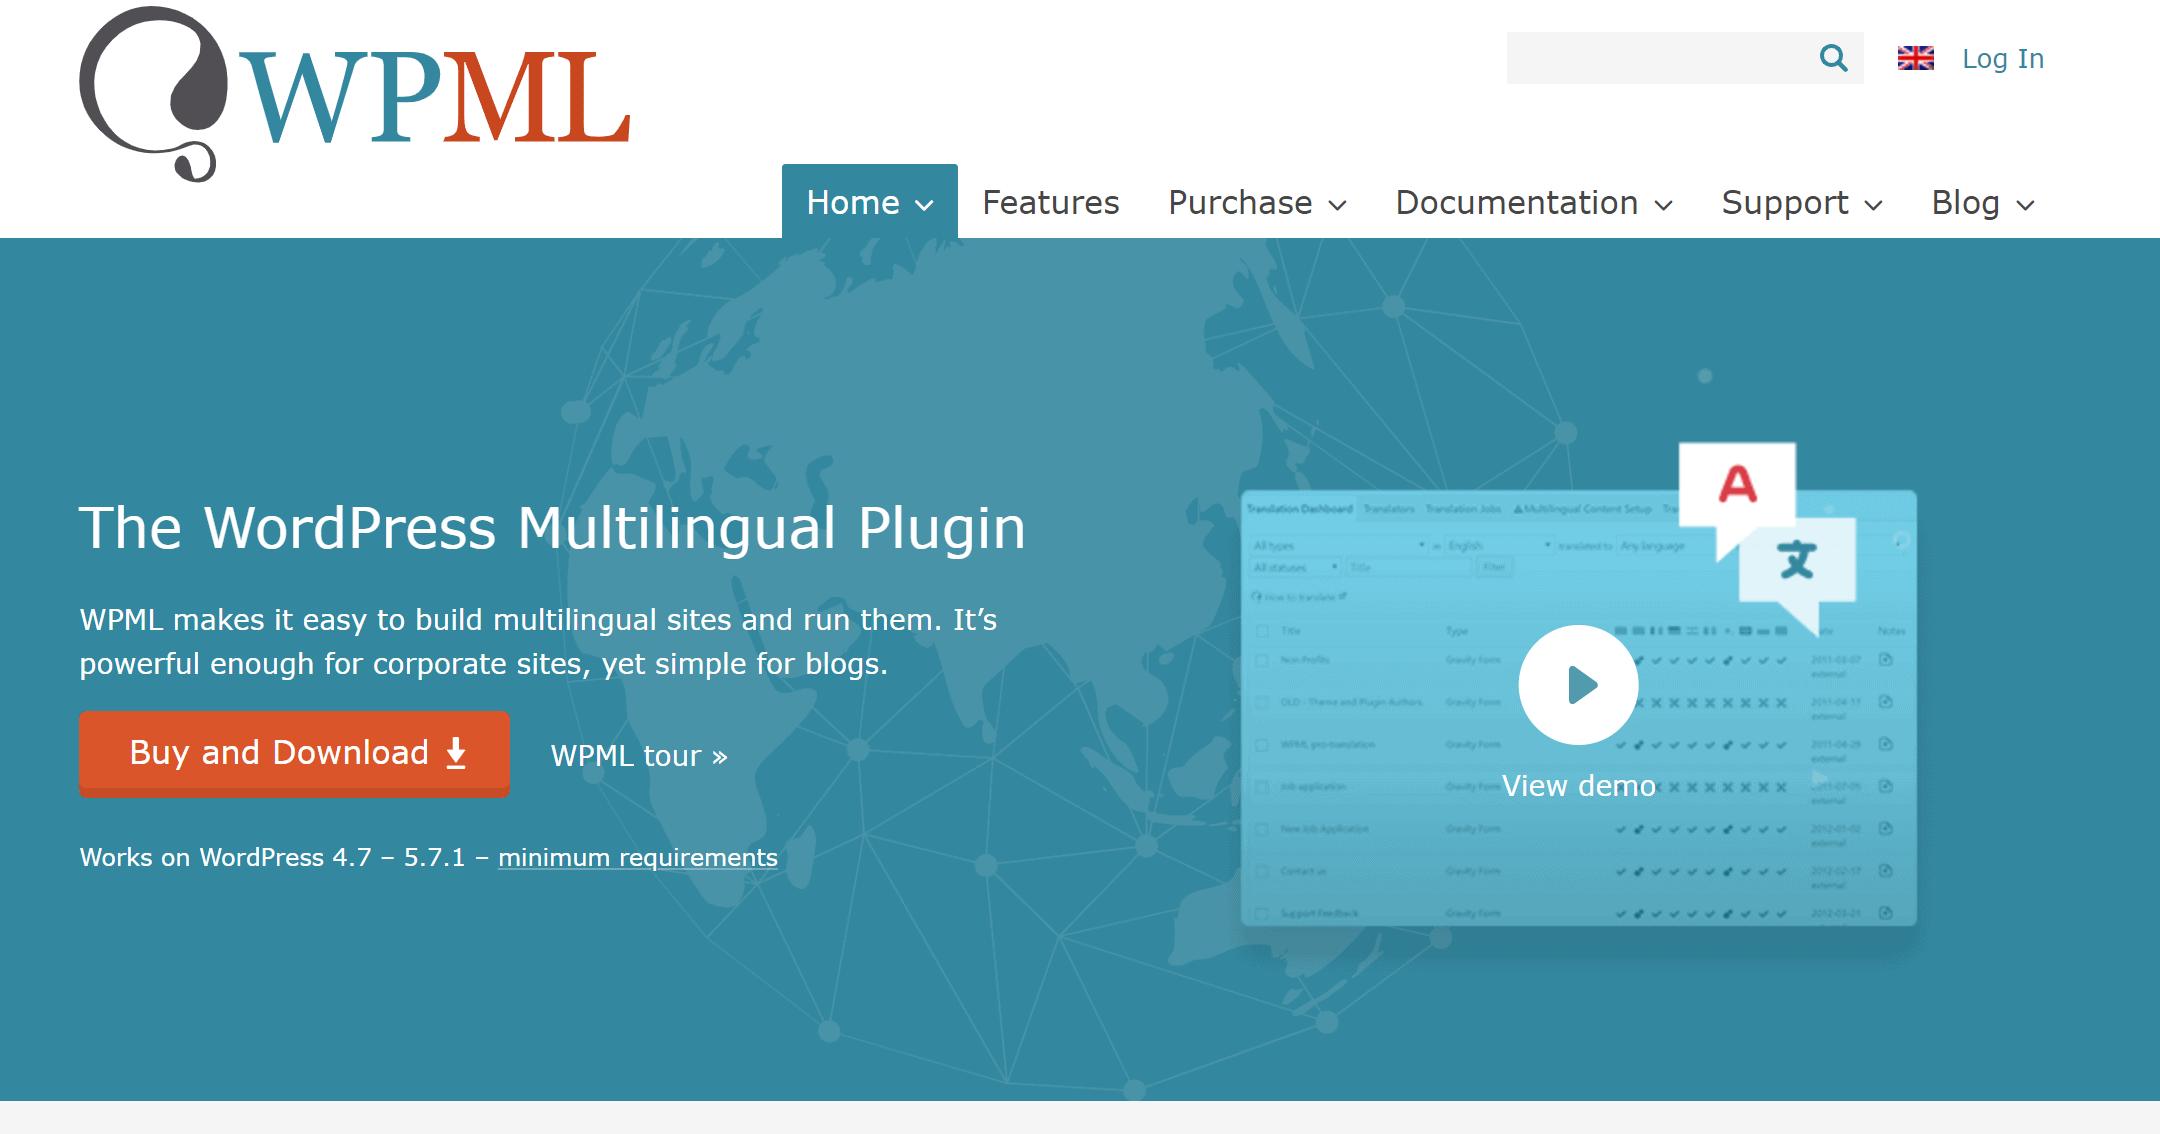 WPML reviews